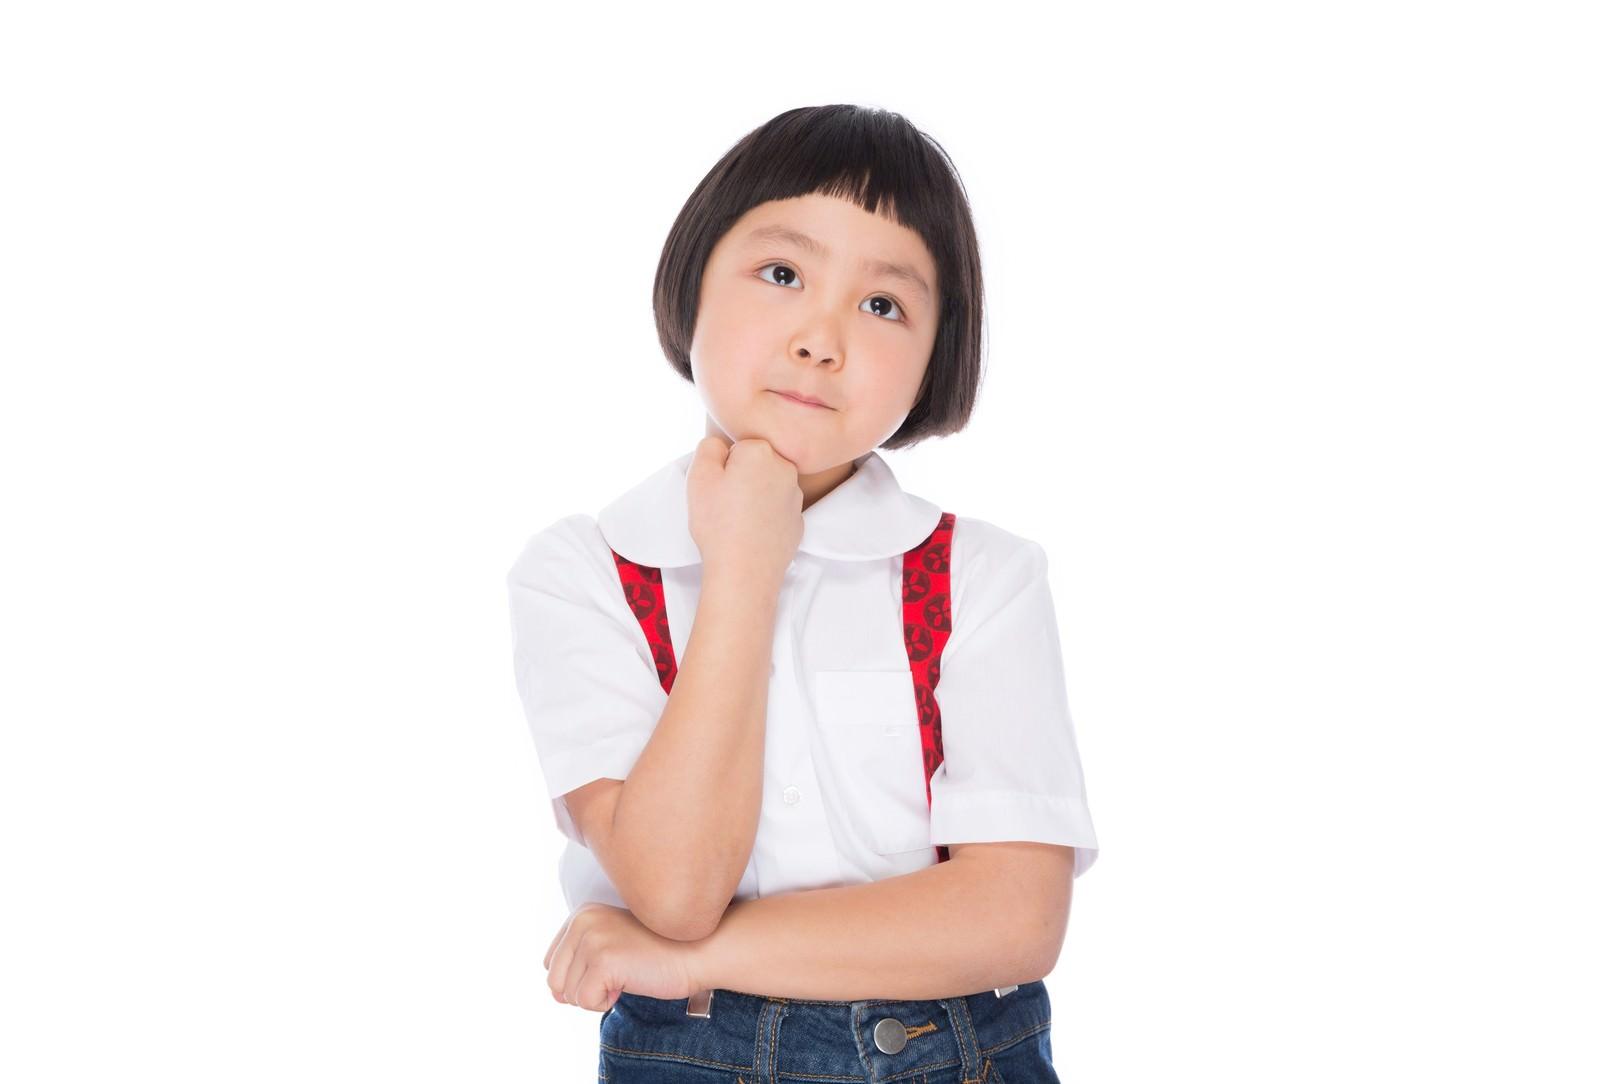 「遠足のおやつを考える小学生の女の子遠足のおやつを考える小学生の女の子」[モデル:ゆうき]のフリー写真素材